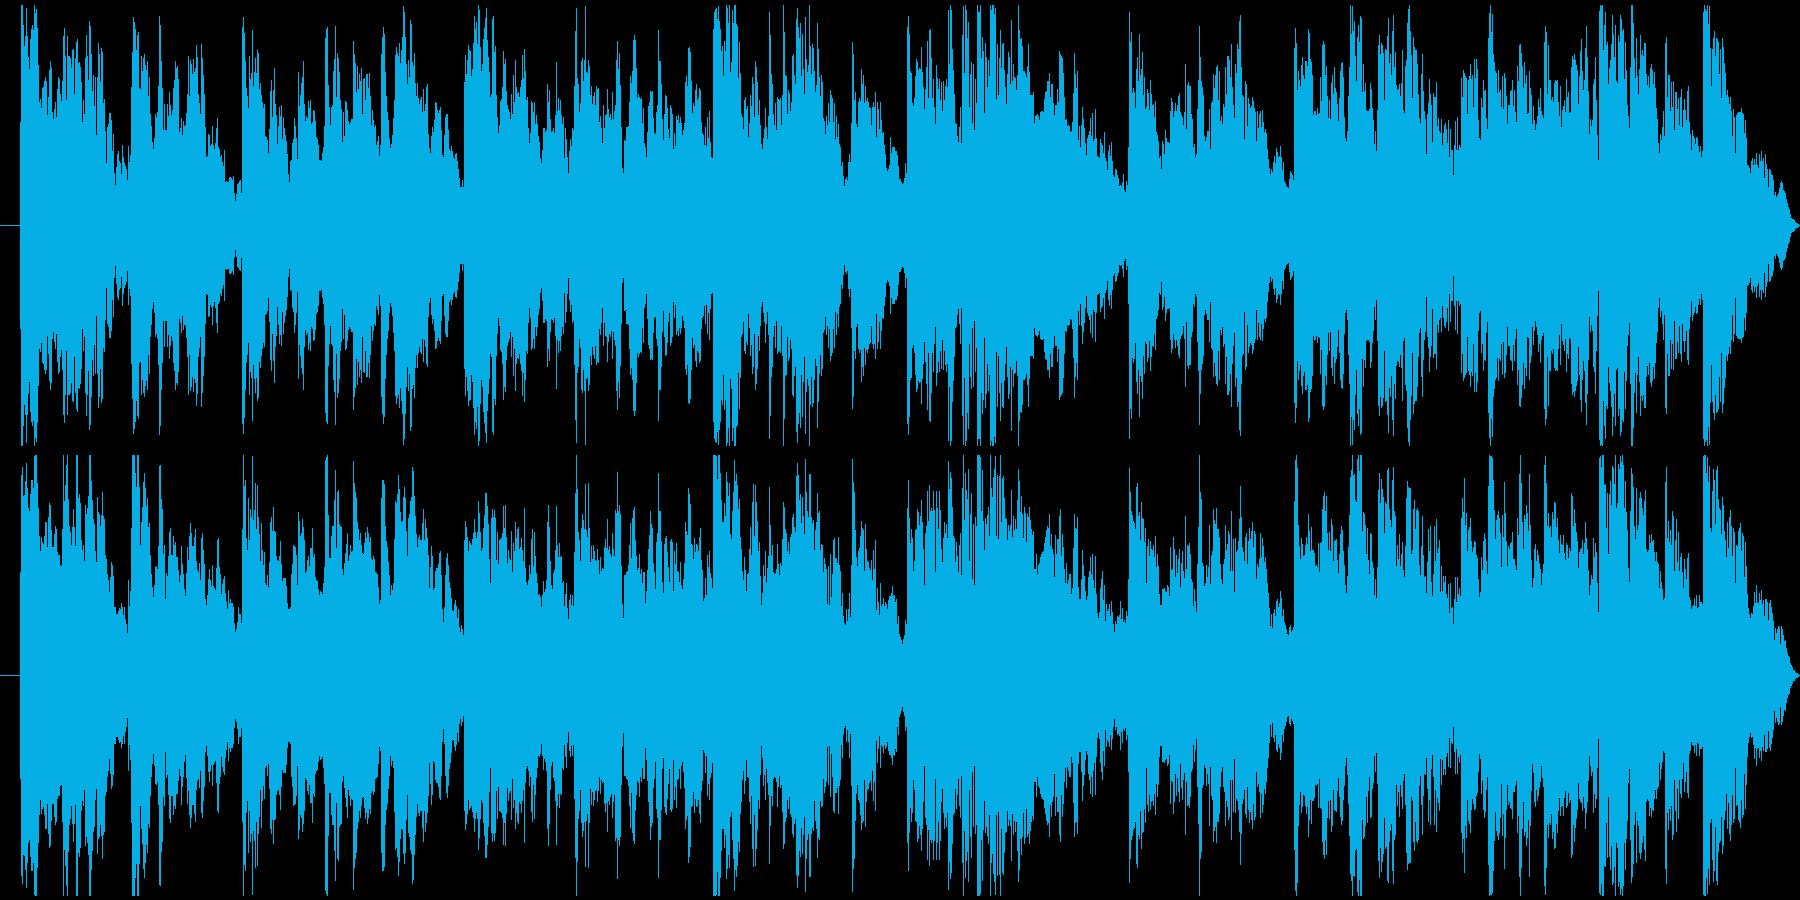 エレピ30sサウンドの再生済みの波形